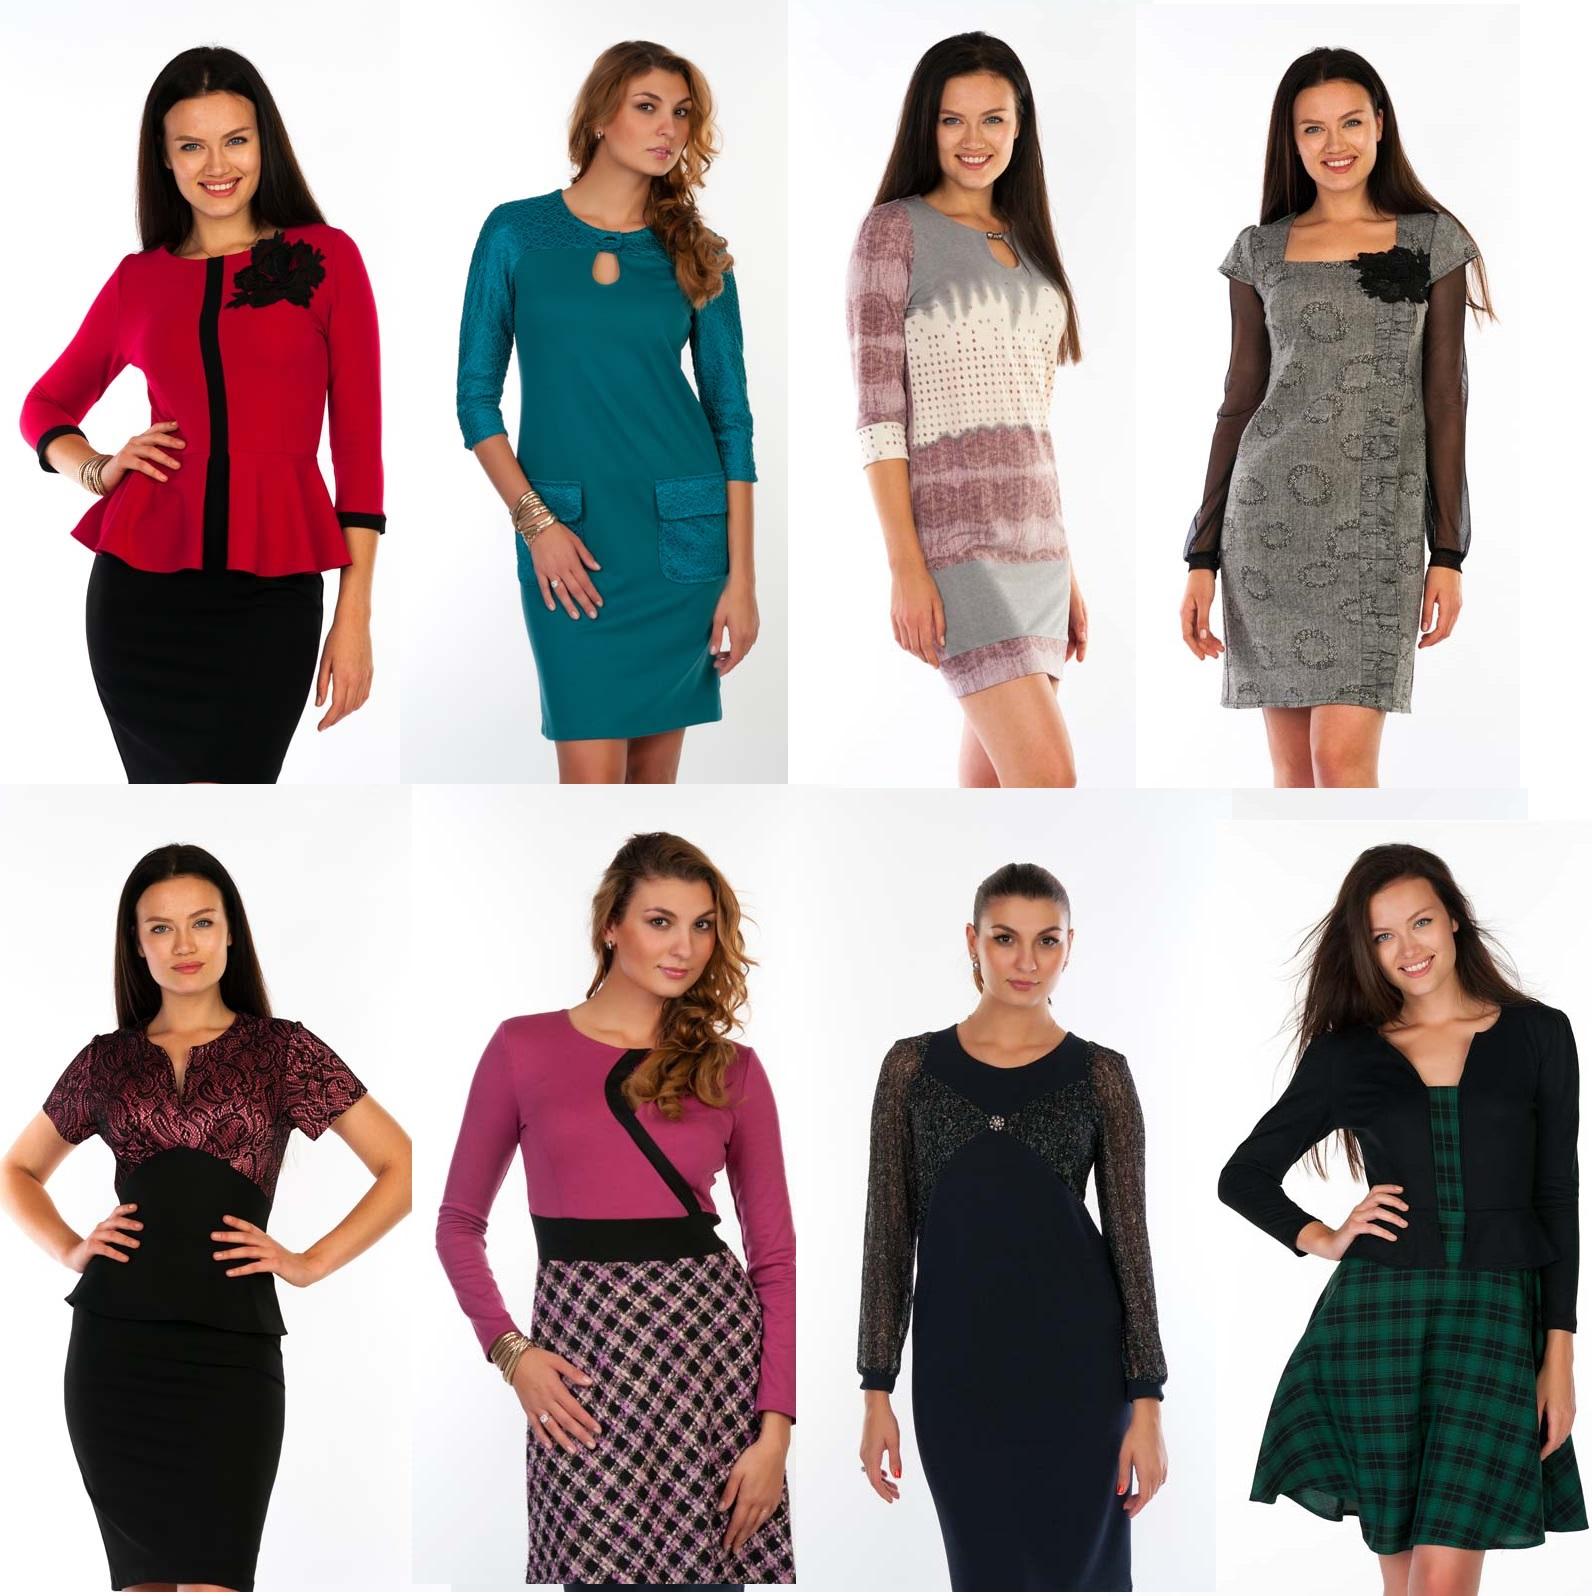 Праздничное, деловое, повседневное - платье на любой вкус! До 58 размера. Экспресс сбор - раздачи 25.12. Без рядов!